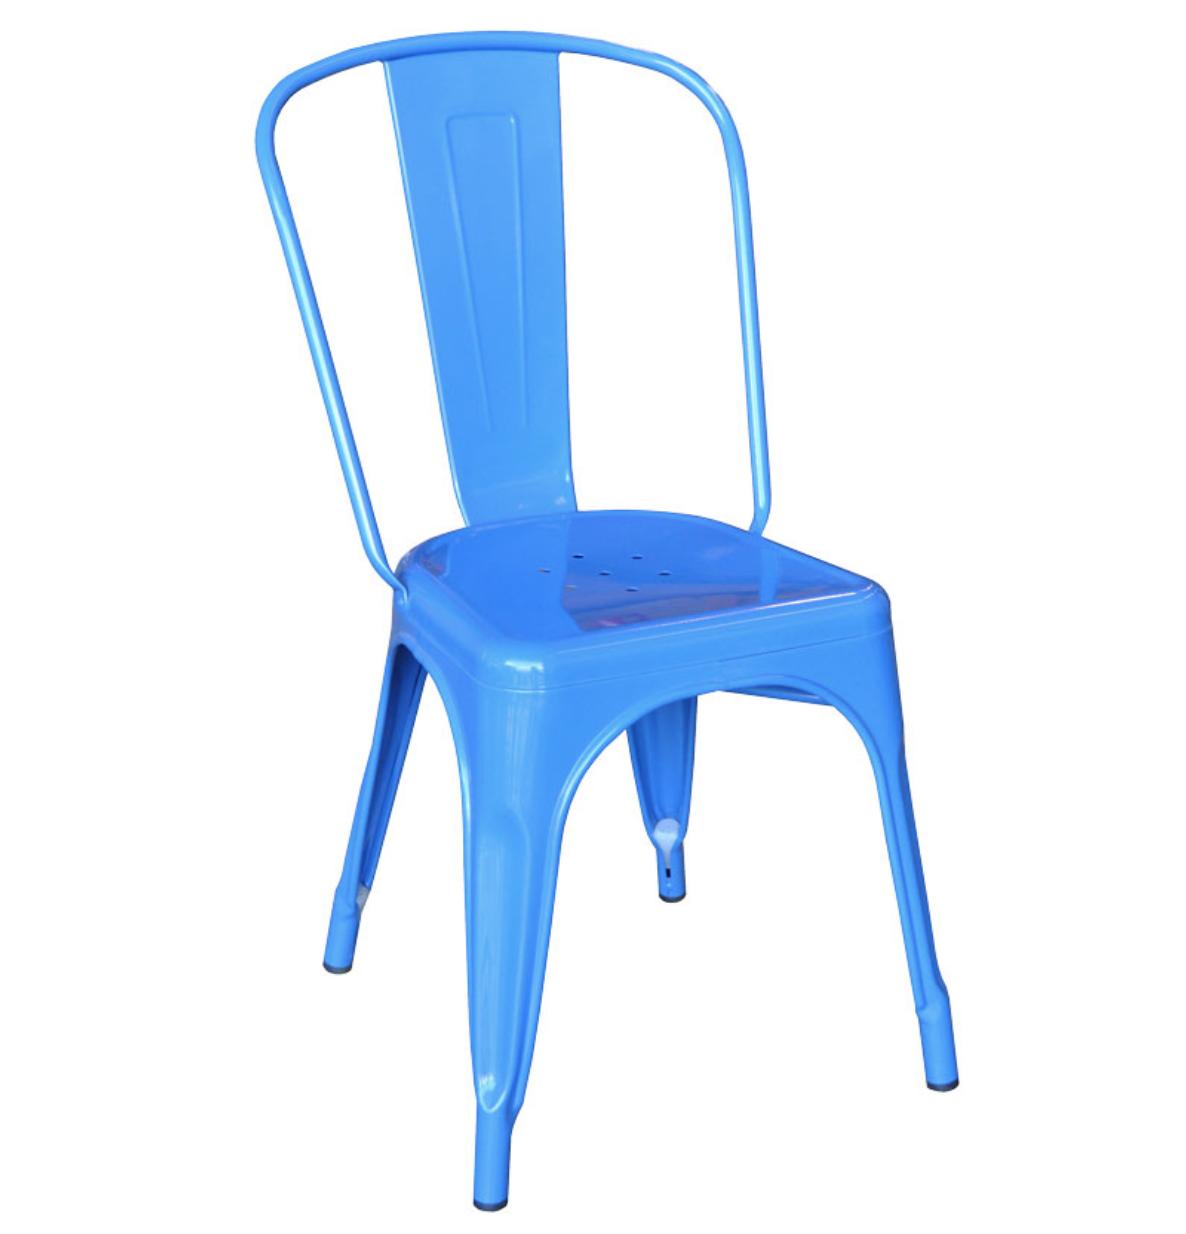 Blue tolix chair